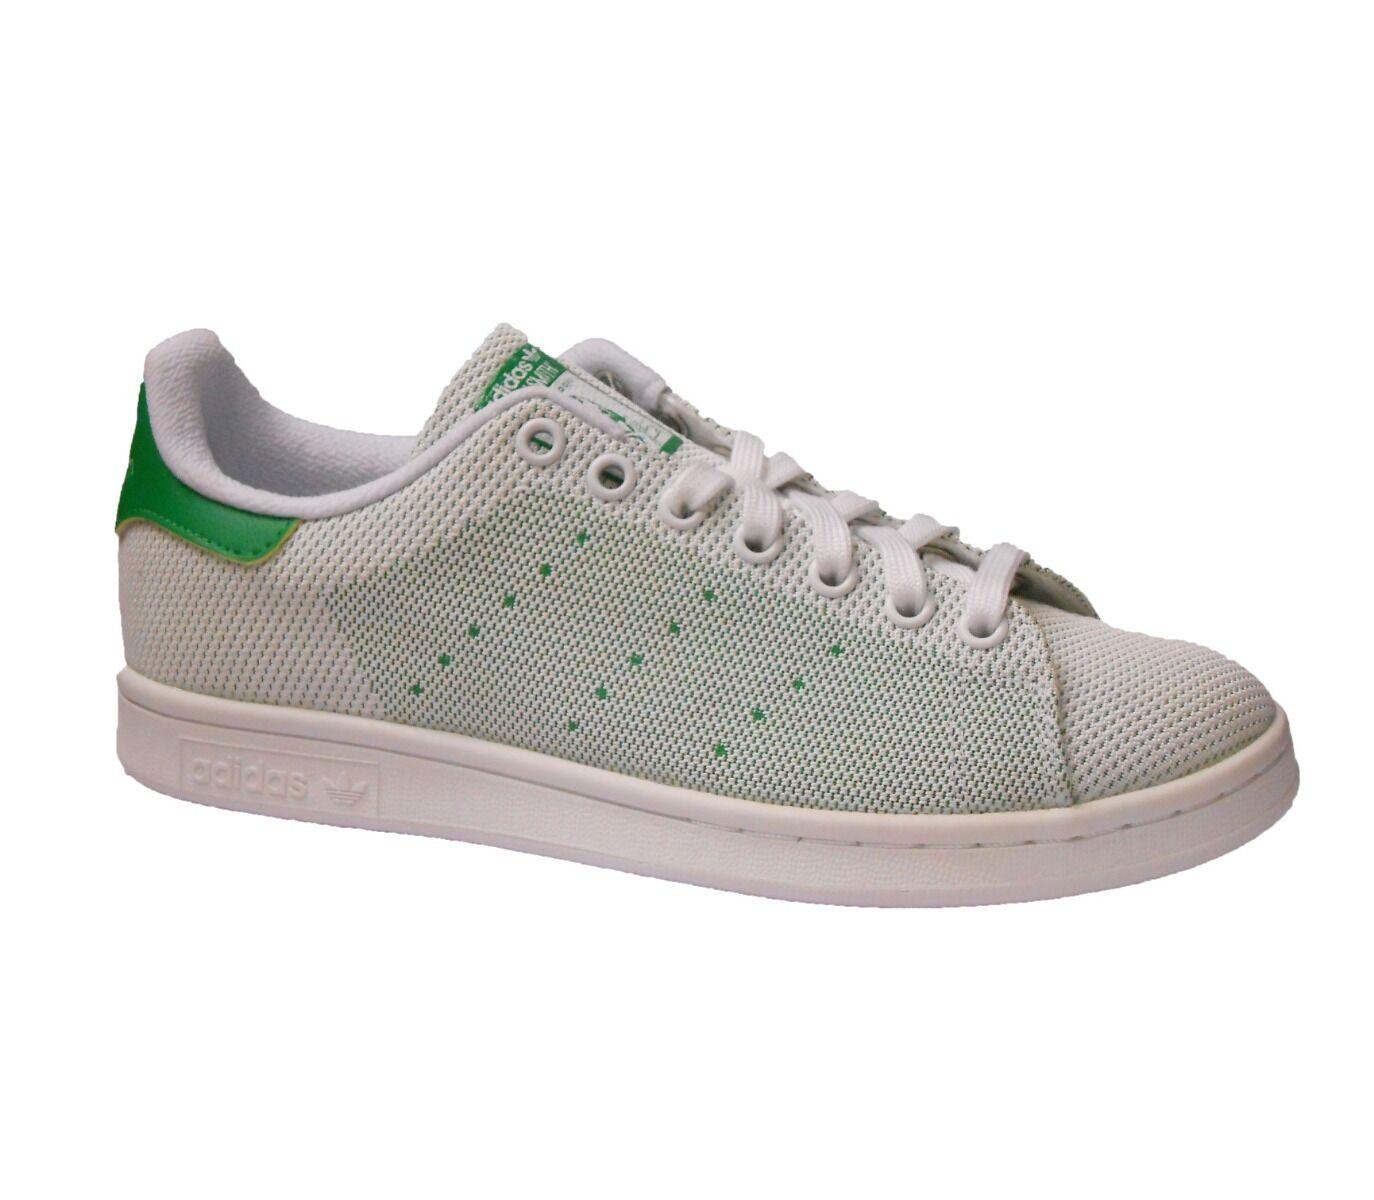 Adidas Stan Smith Uomo Trainer Shoe White Green Size 7 - 10 New